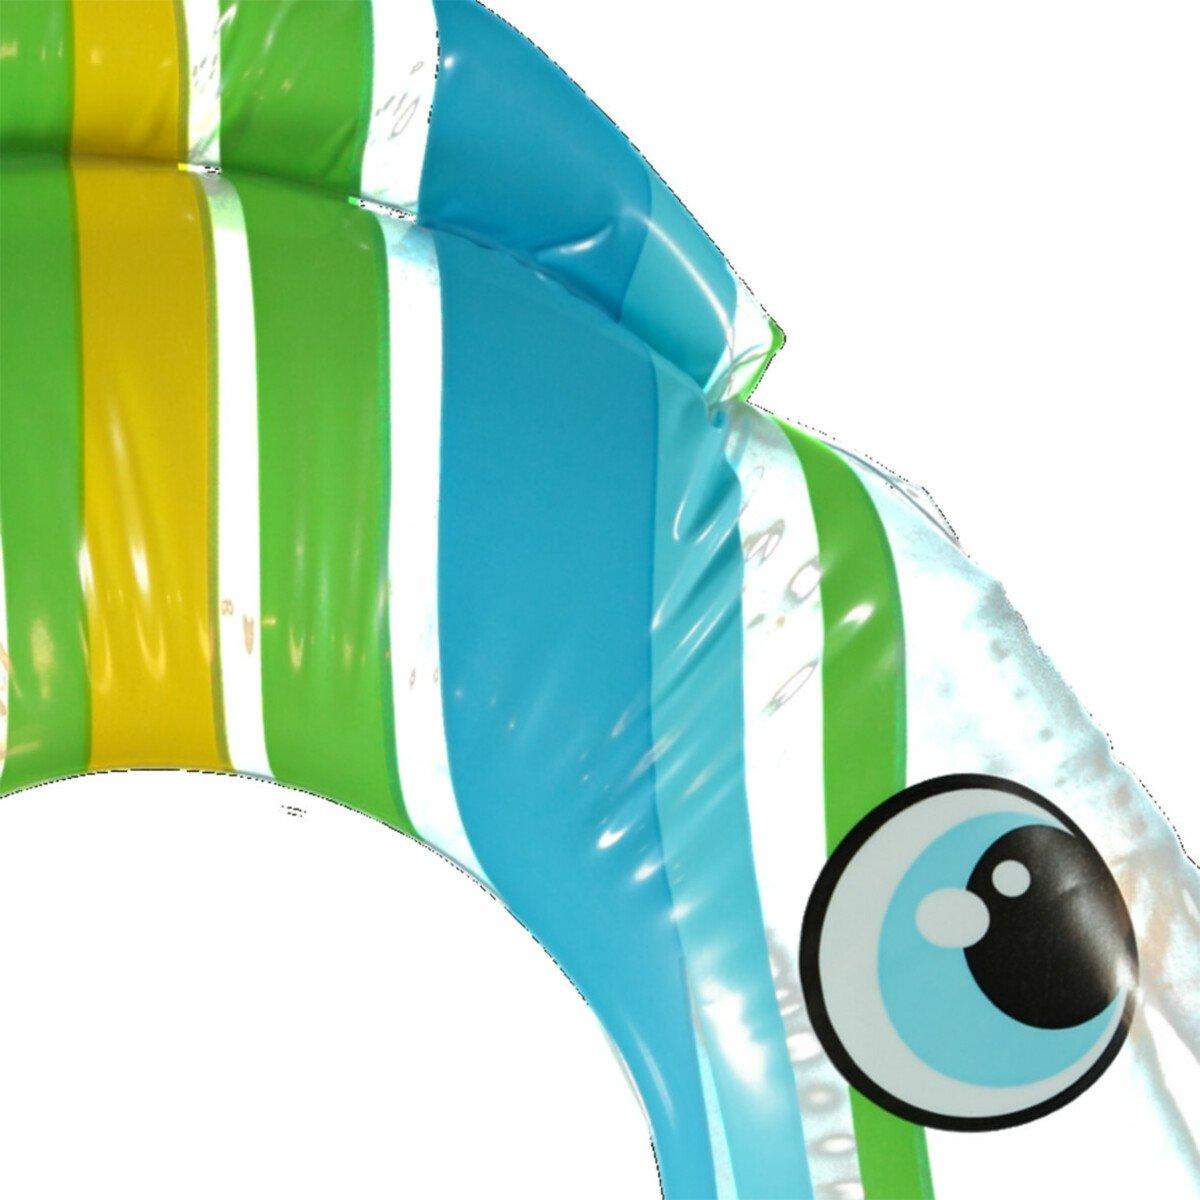 Bild 3 von Schwimmring in Fischform